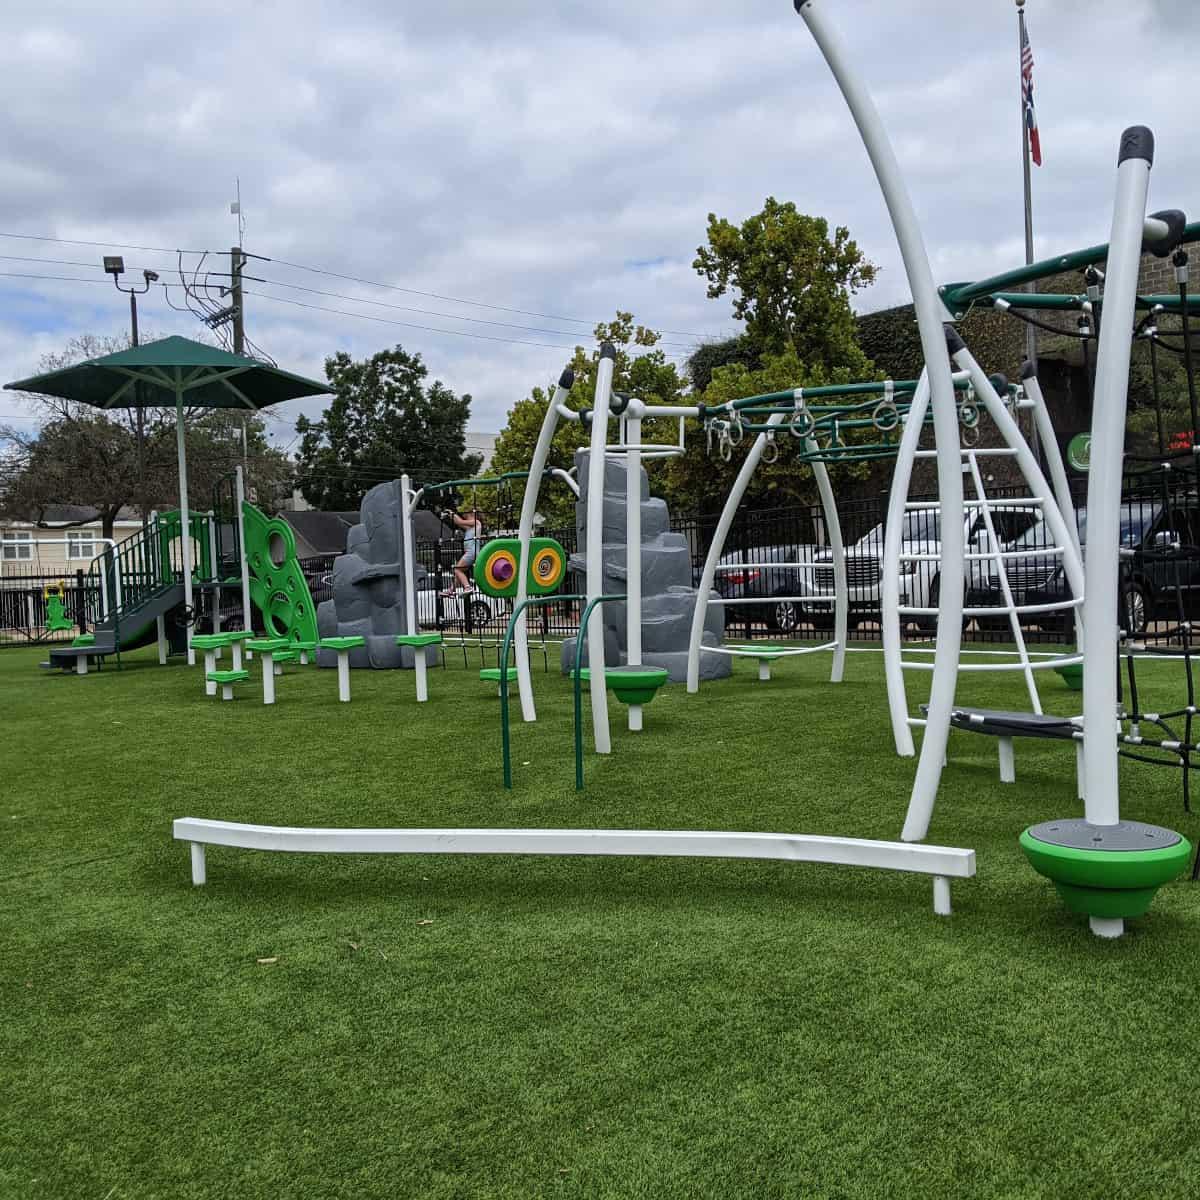 Arabic Immersion School Spark Park Playground